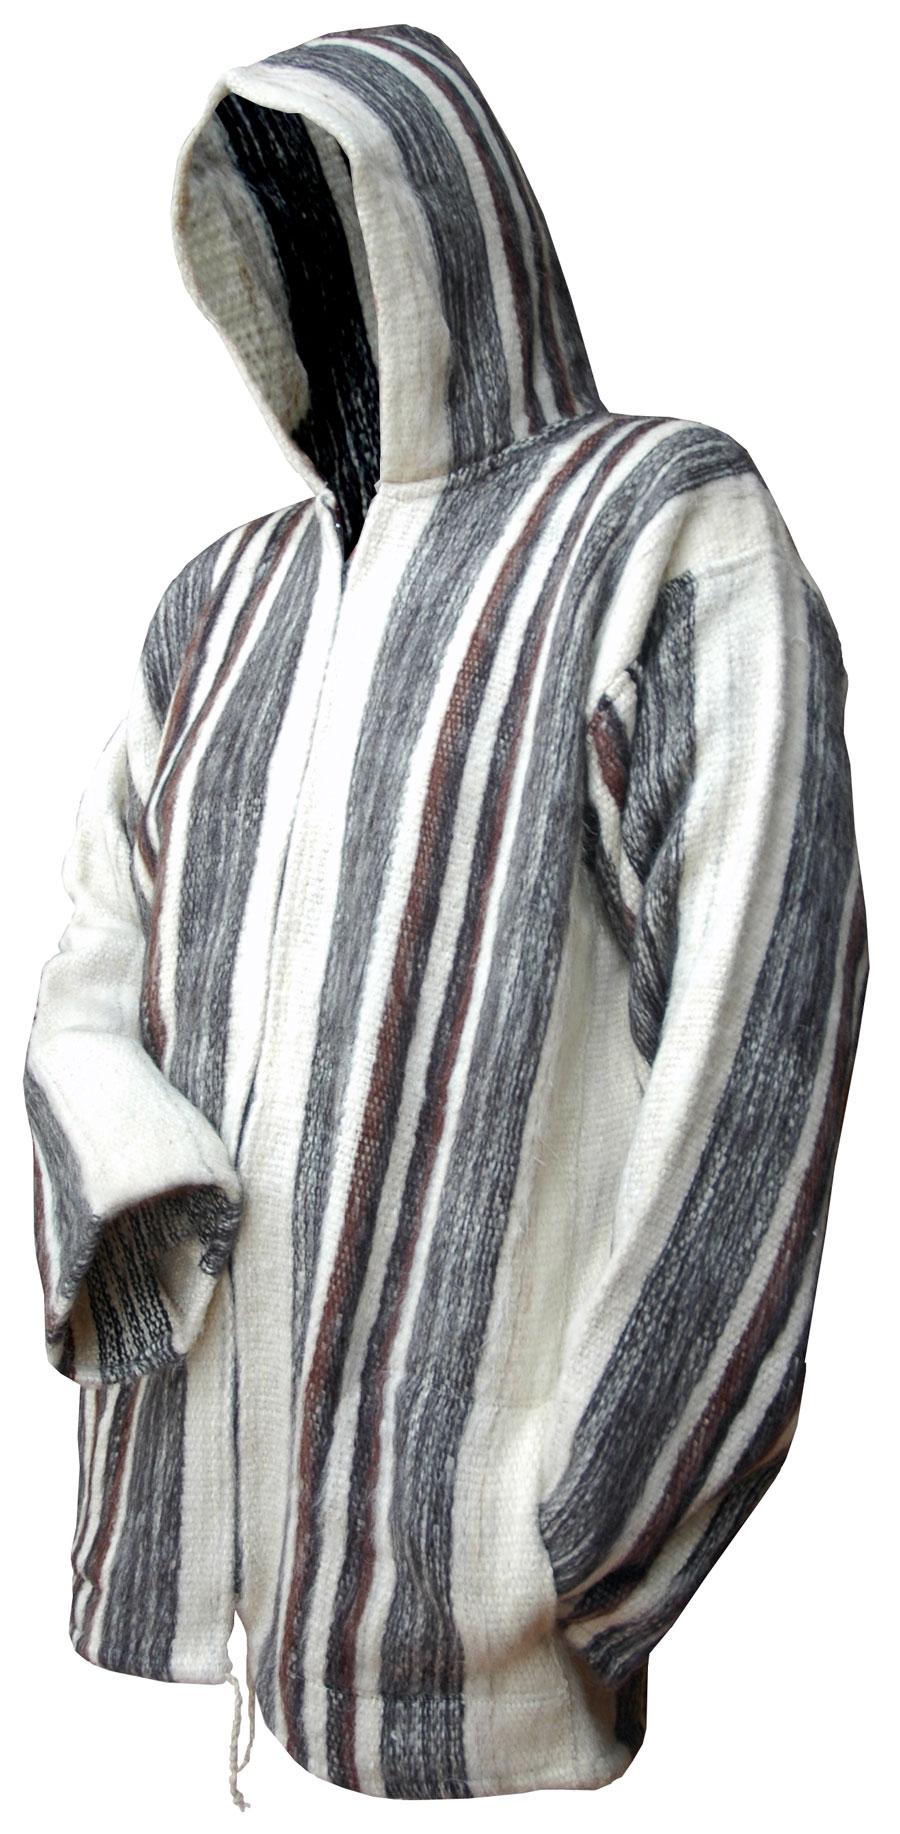 estilo distintivo cómo llegar zapatos para baratas XXR61 - Chaqueta con capucha para hombre - Lana de oveja